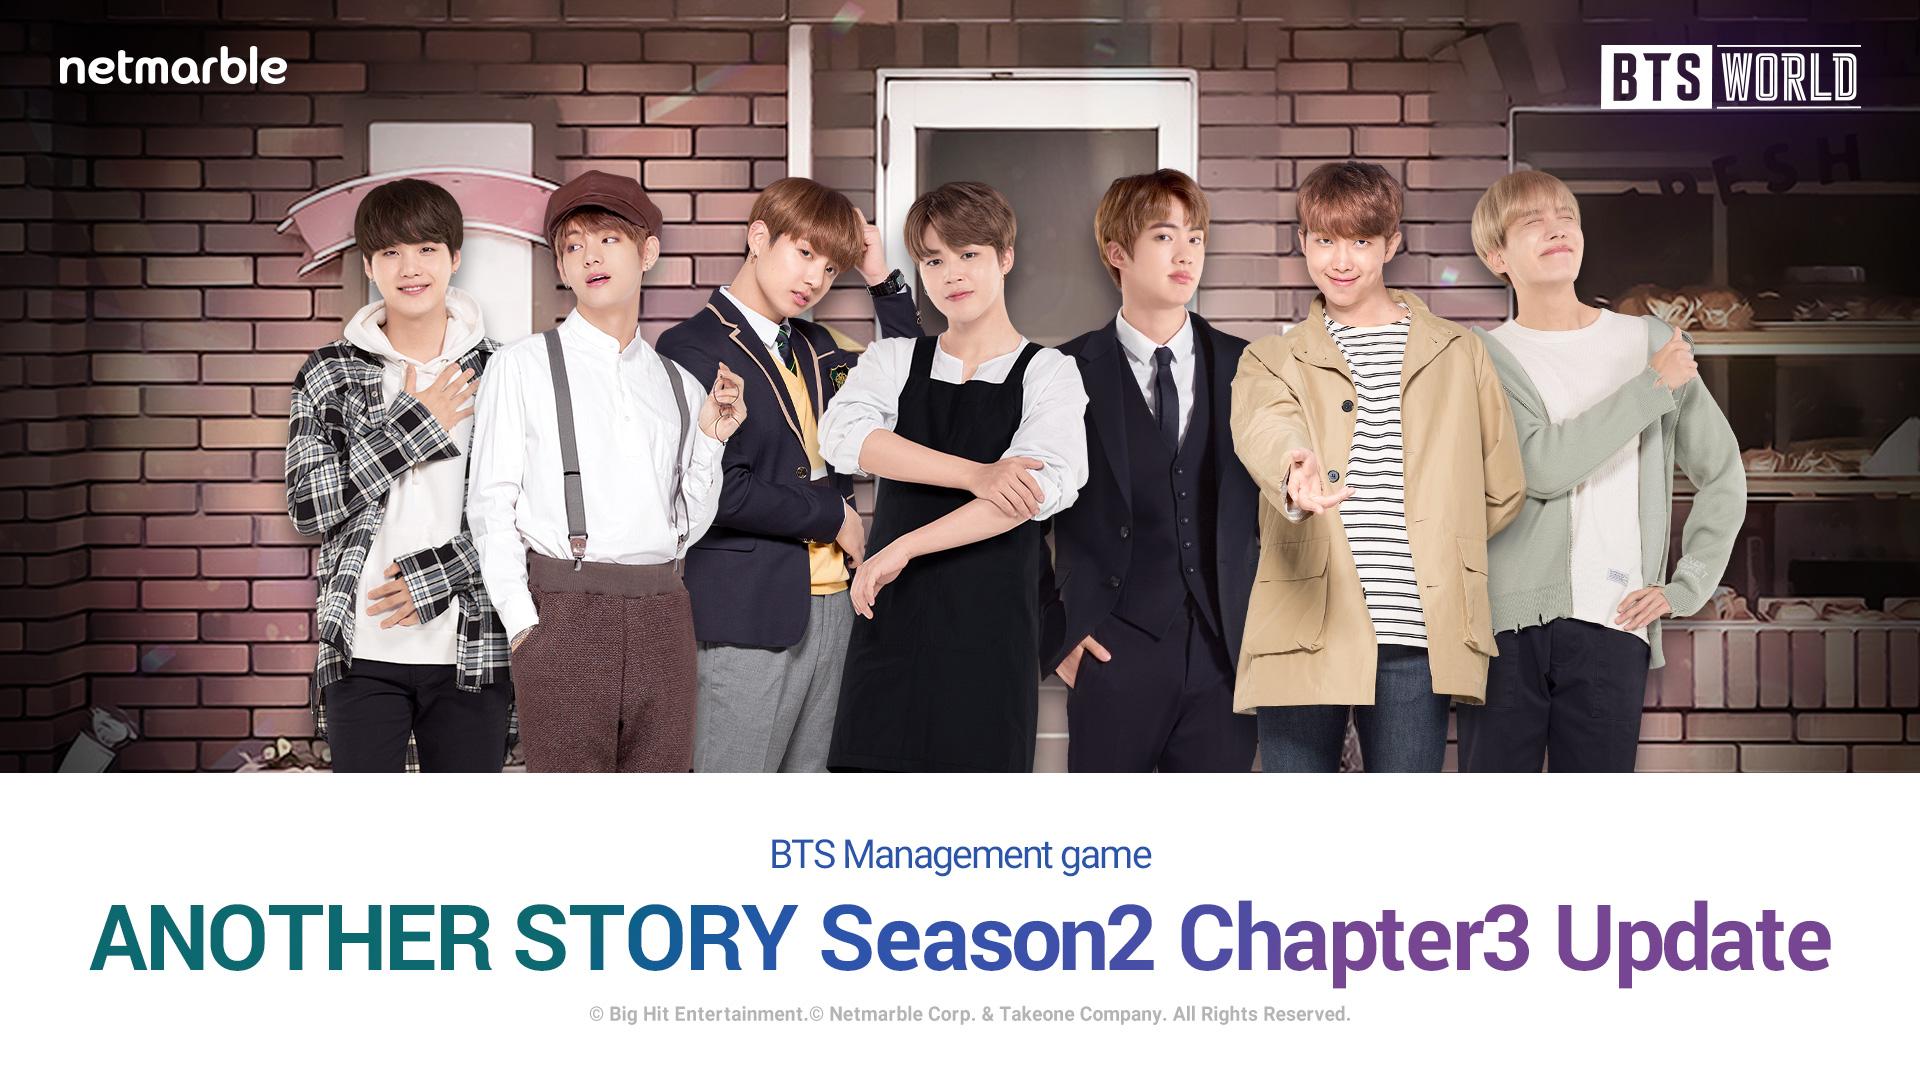 BTS World September Update